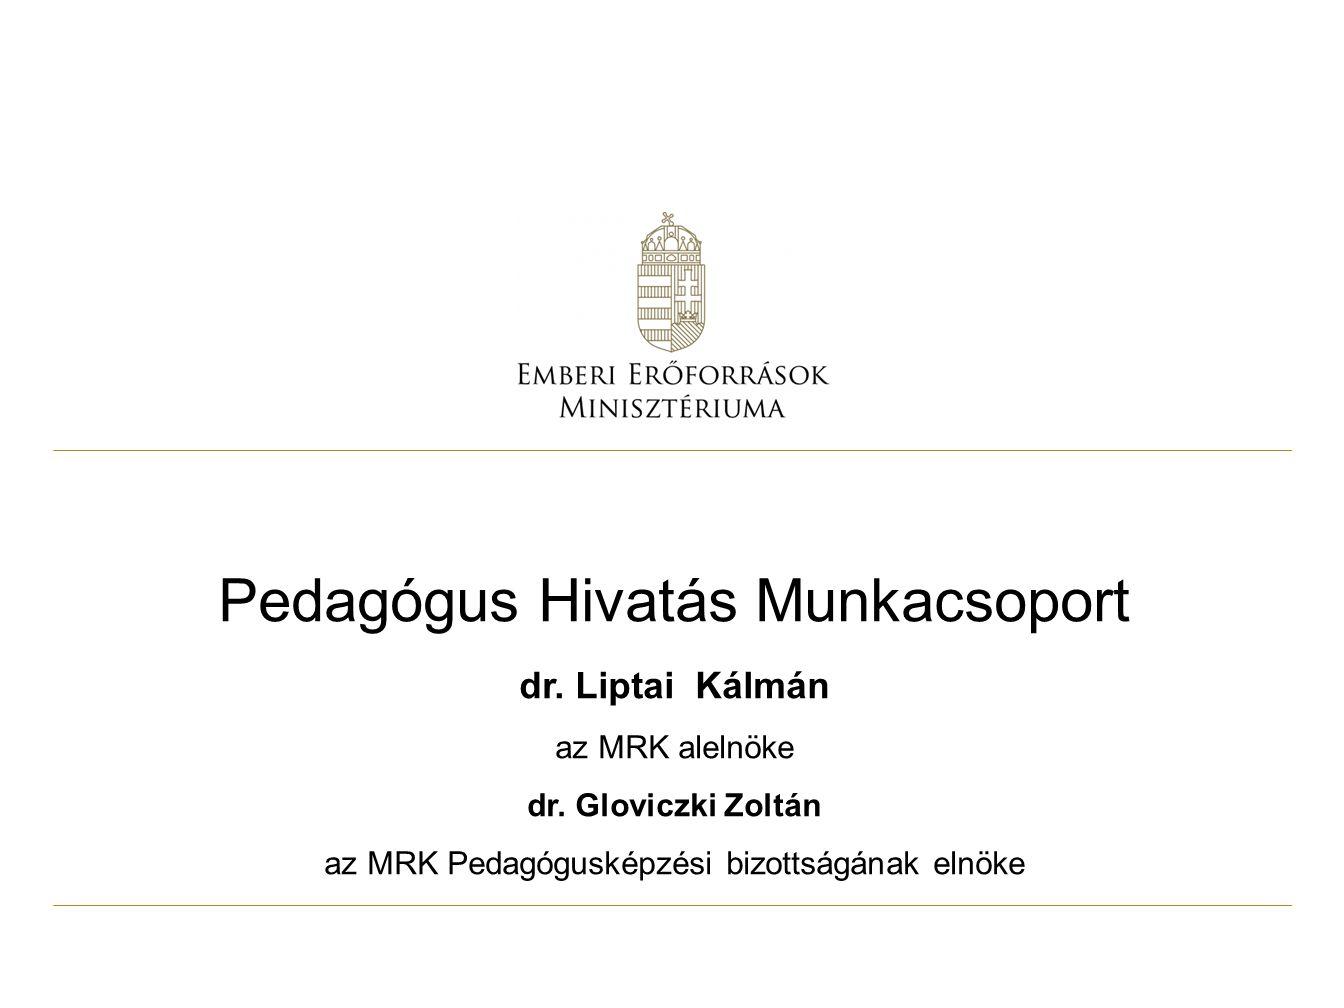 Pedagógus Hivatás Munkacsoport dr. Liptai Kálmán az MRK alelnöke dr. Gloviczki Zoltán az MRK Pedagógusképzési bizottságának elnöke